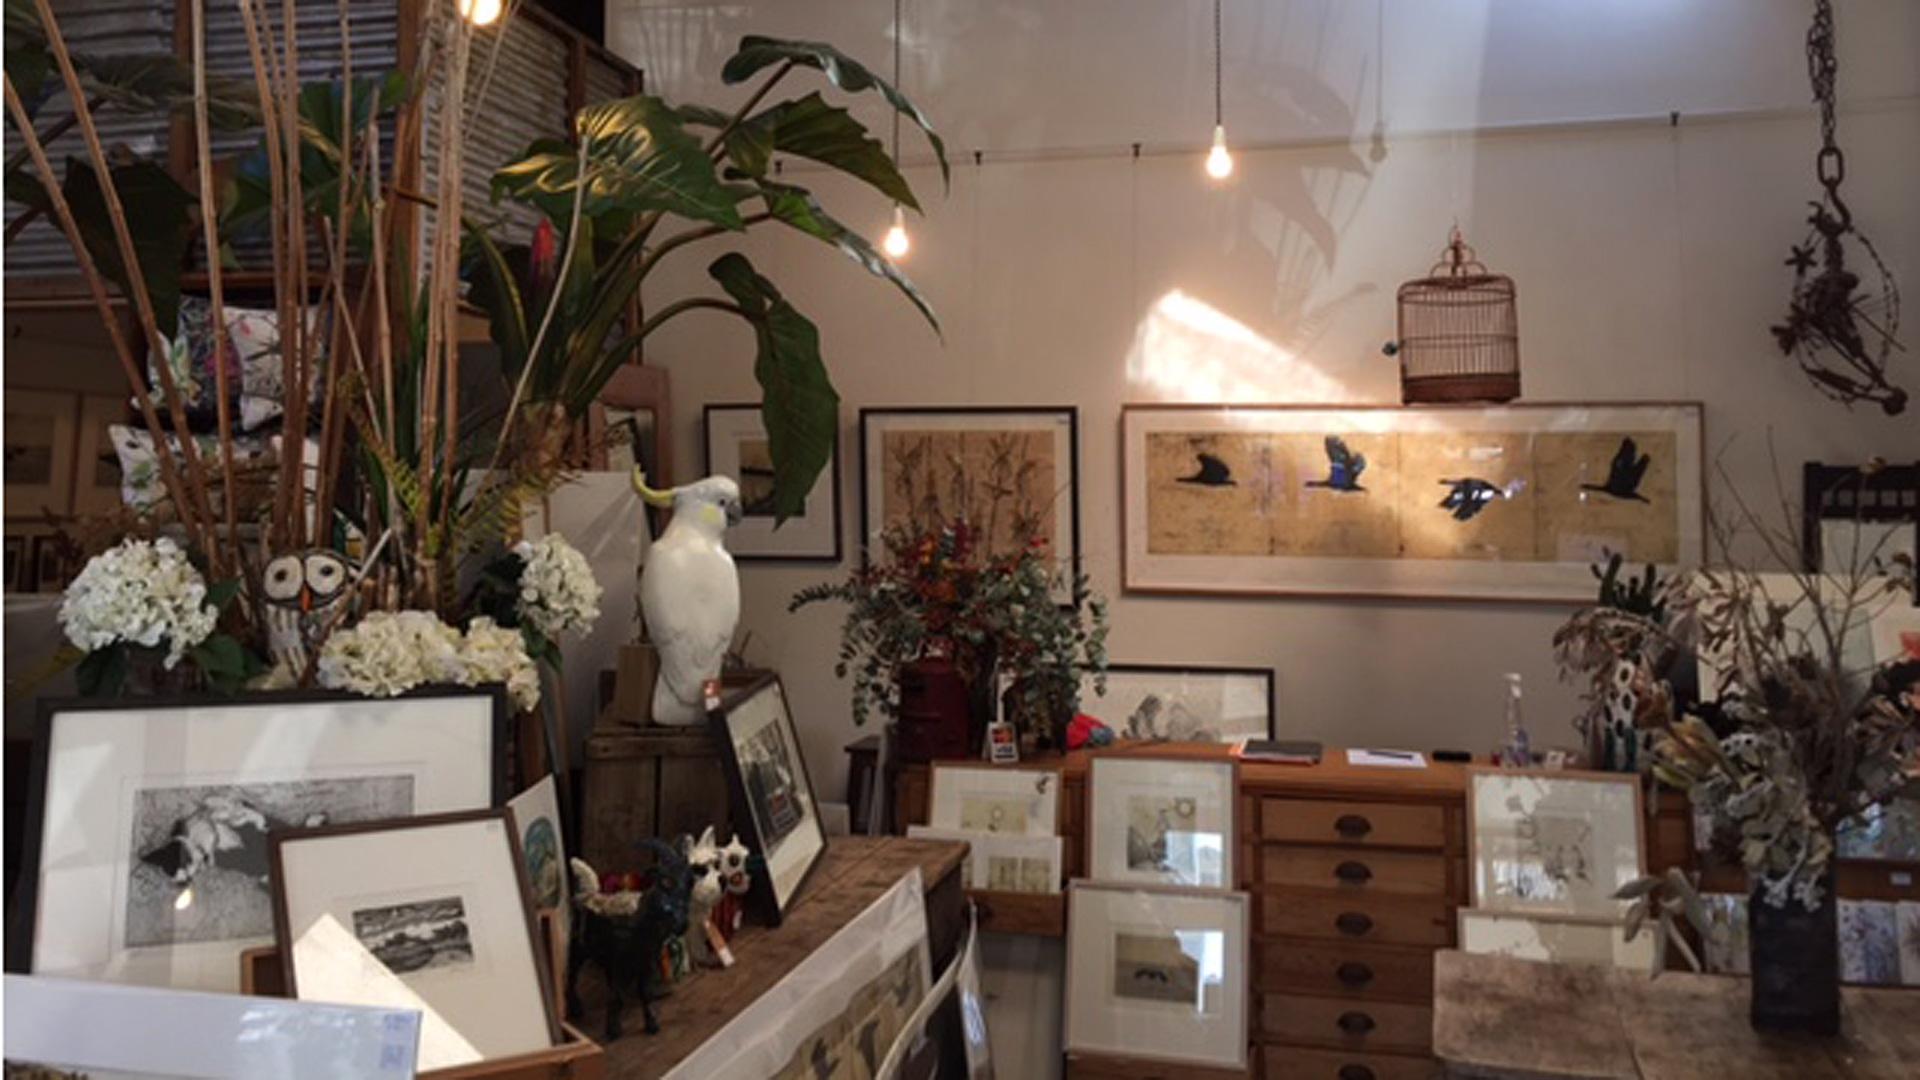 lauriston-press-gallery-interior